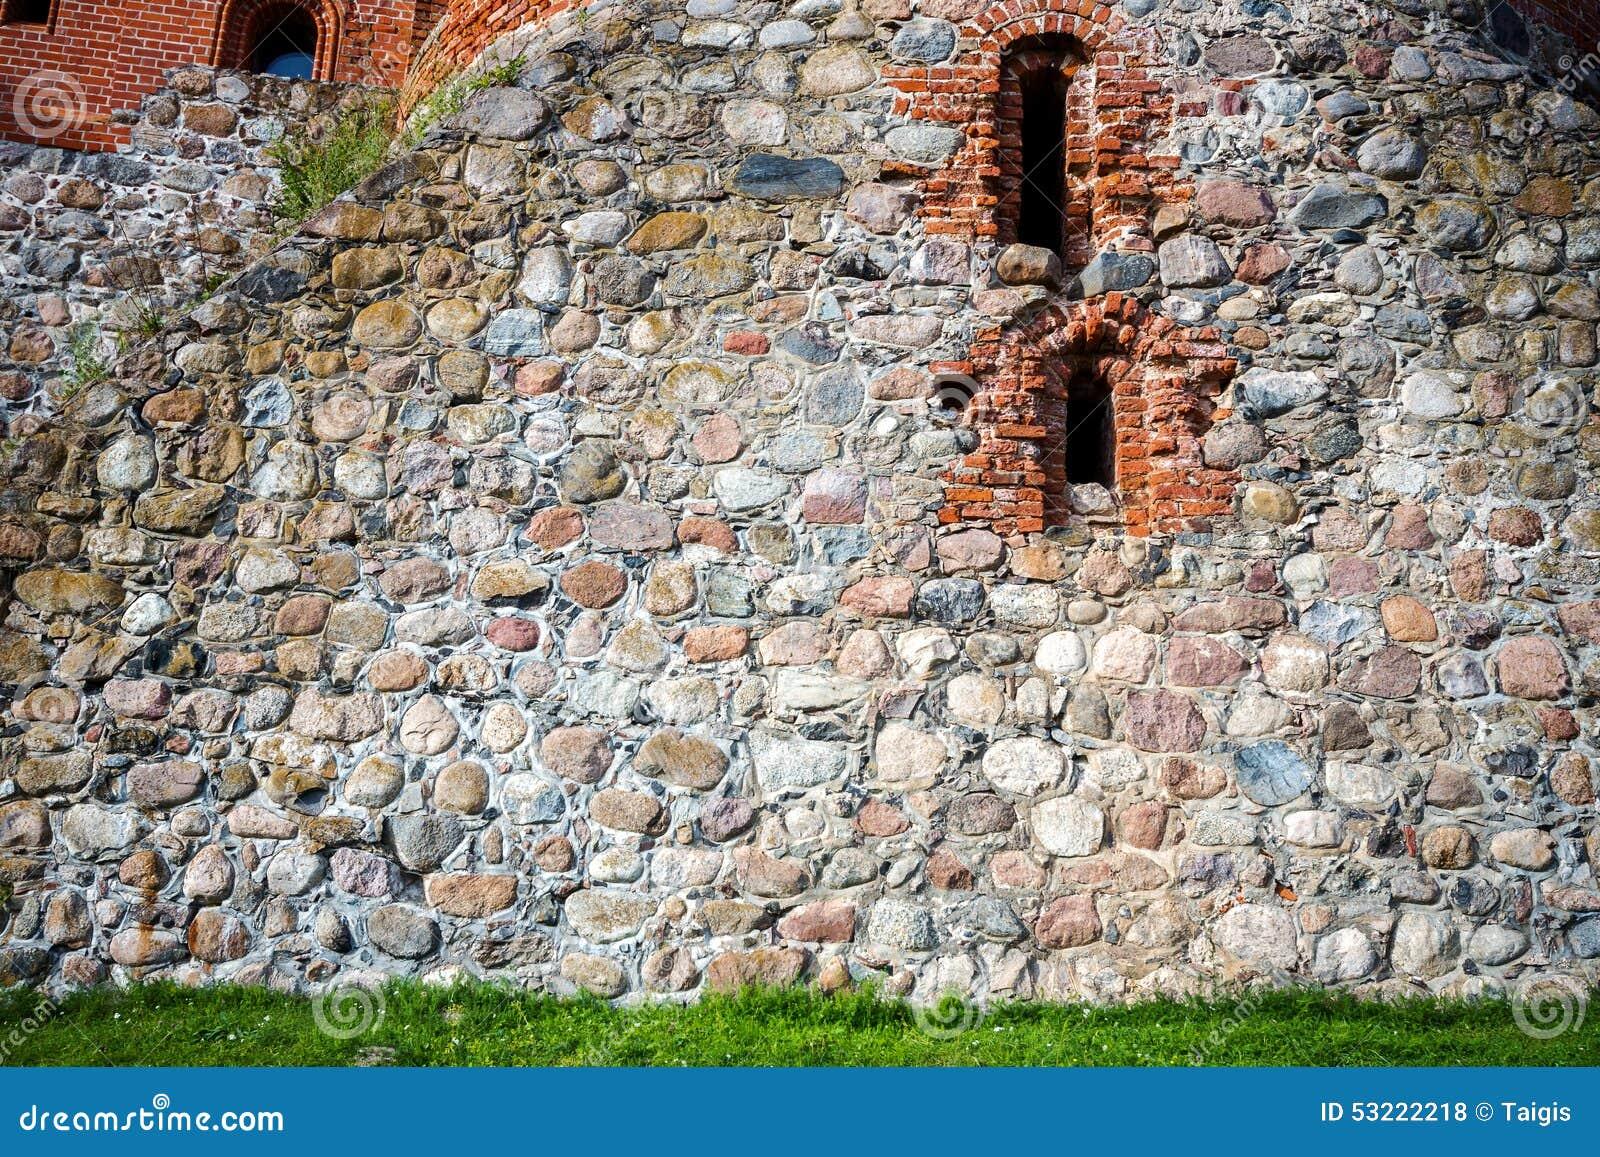 Pietra e muro di mattoni fotografia stock immagine 53222218 for Mattoni e pietra americani